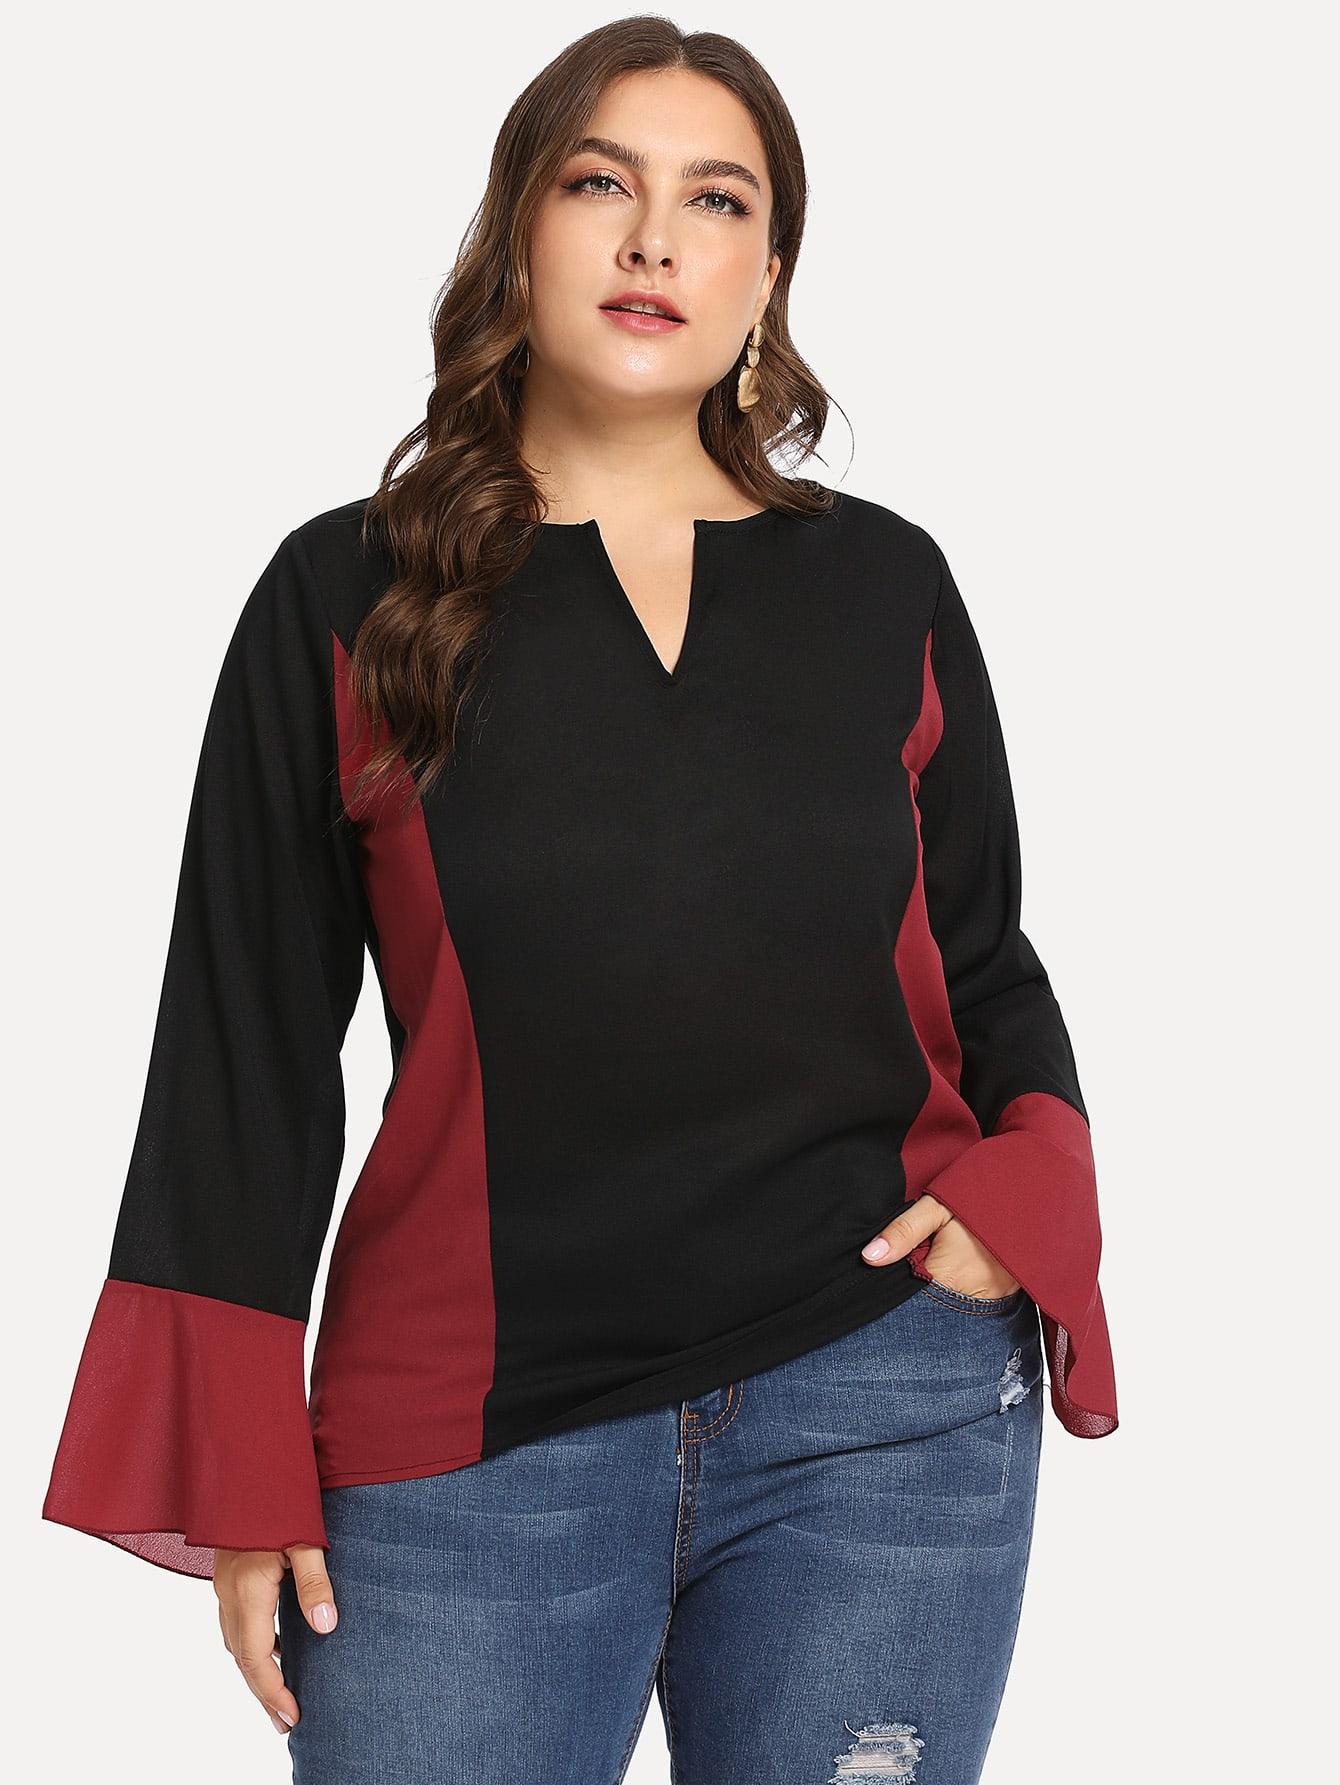 Купить Размера плюс контрастная блузка с оригинальным рукавом, Franziska, SheIn